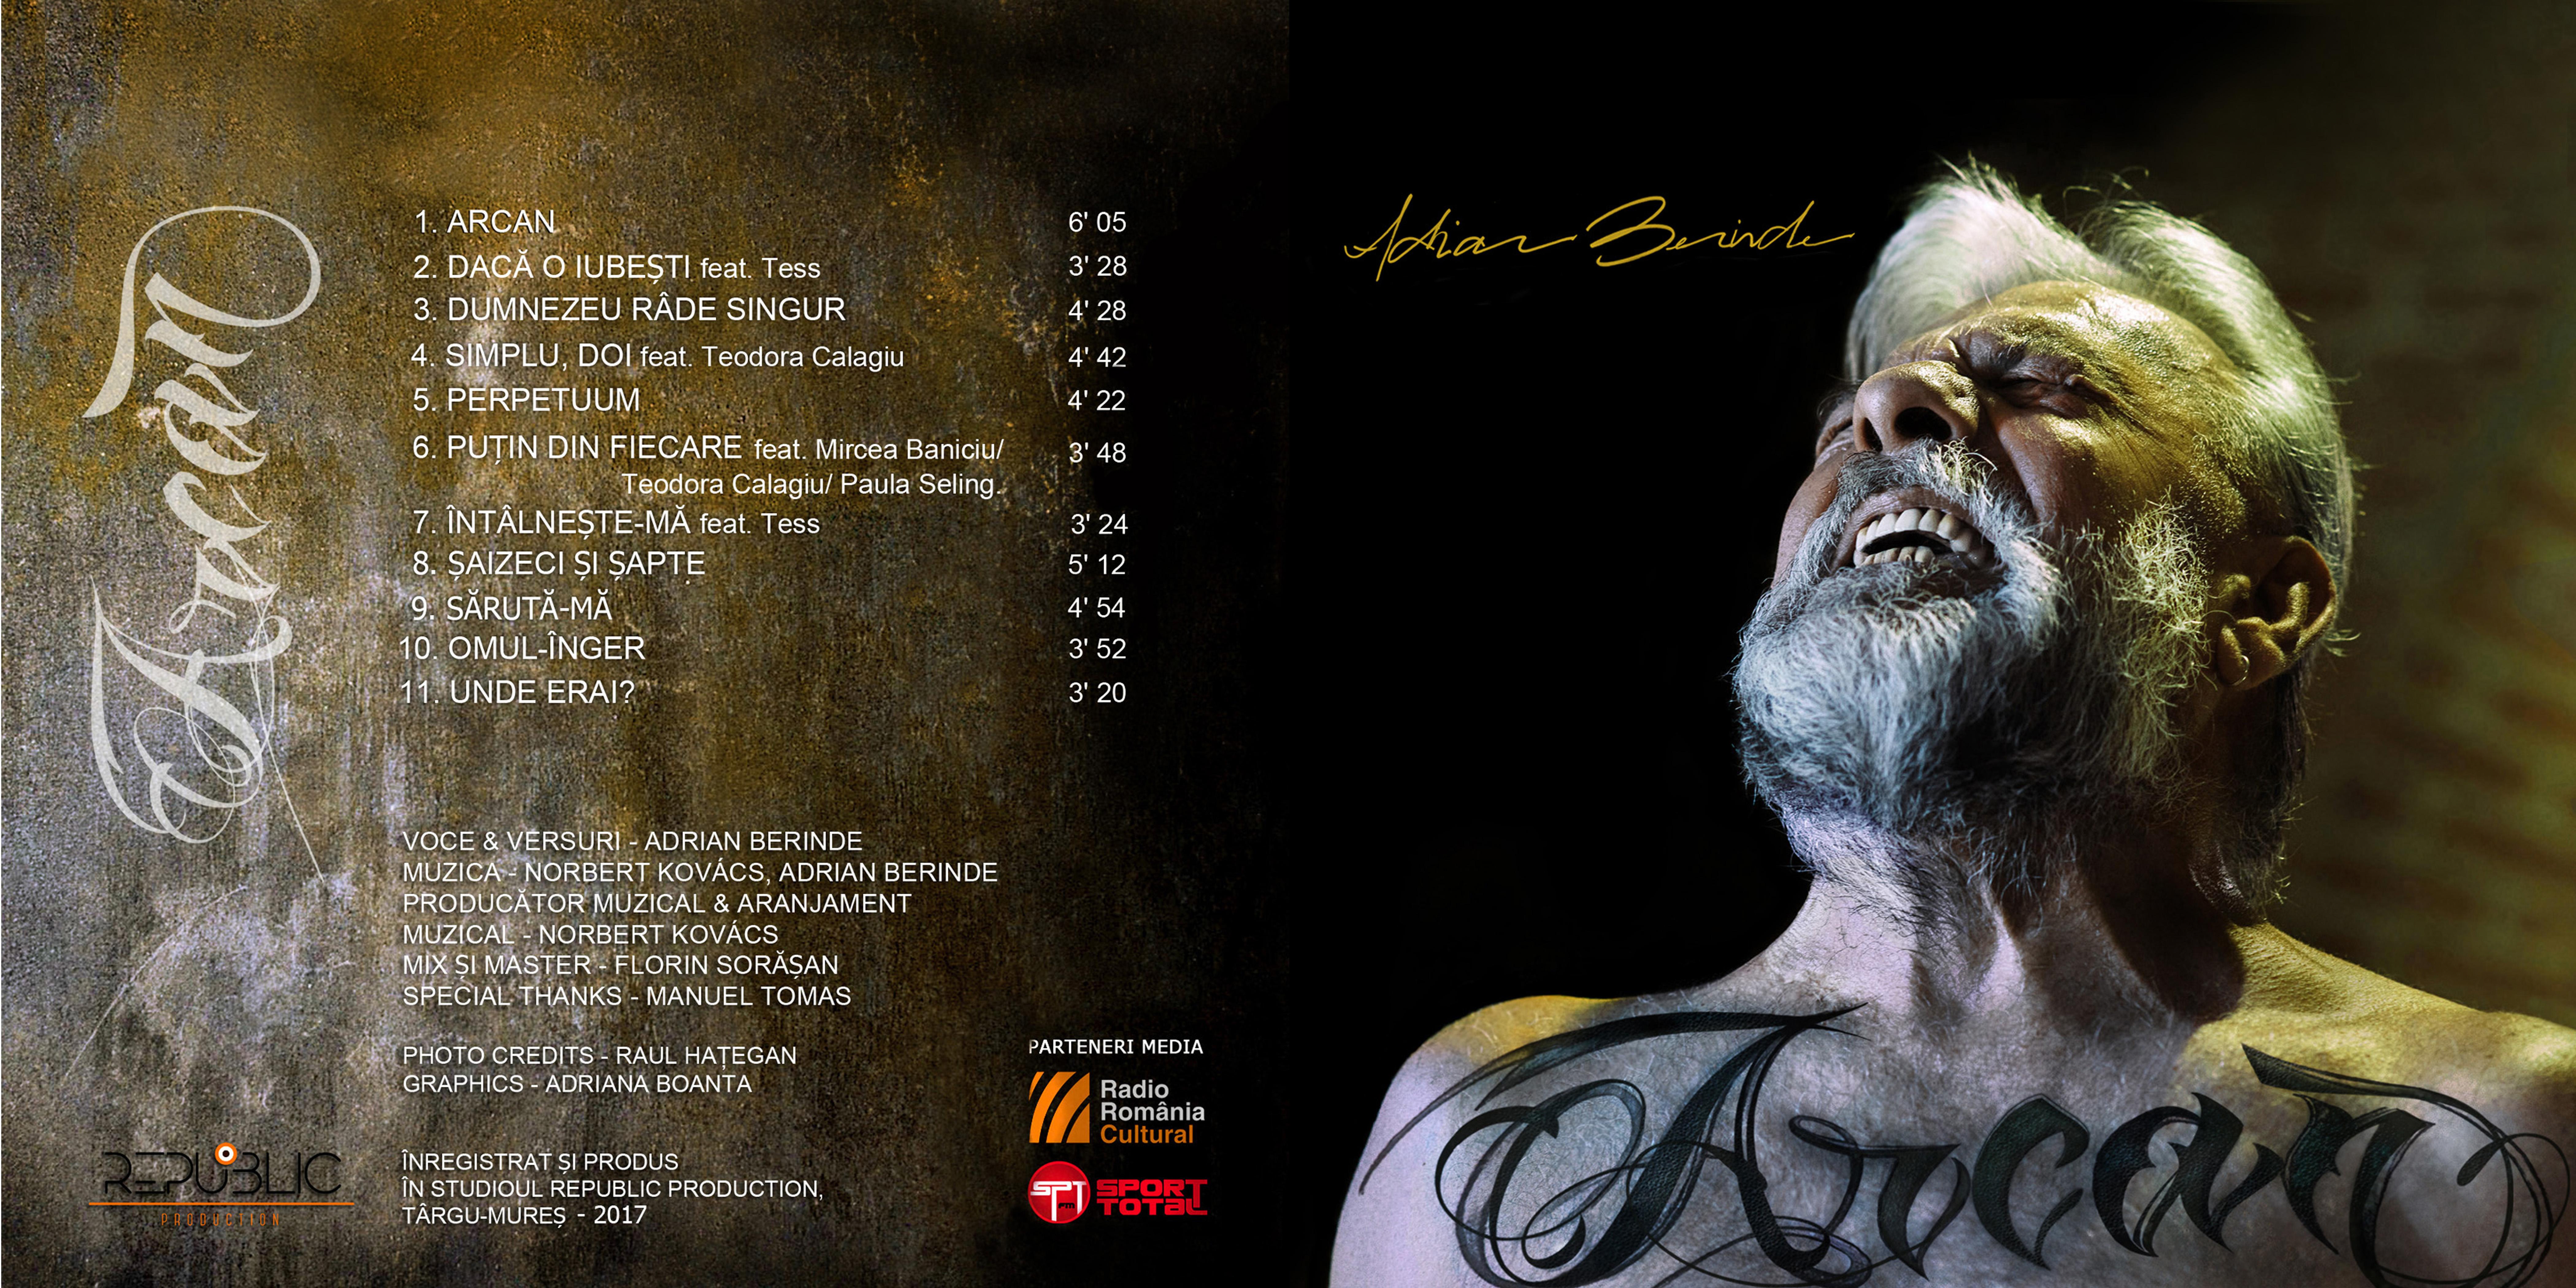 Coperta album Arcan, Adrian Berinde